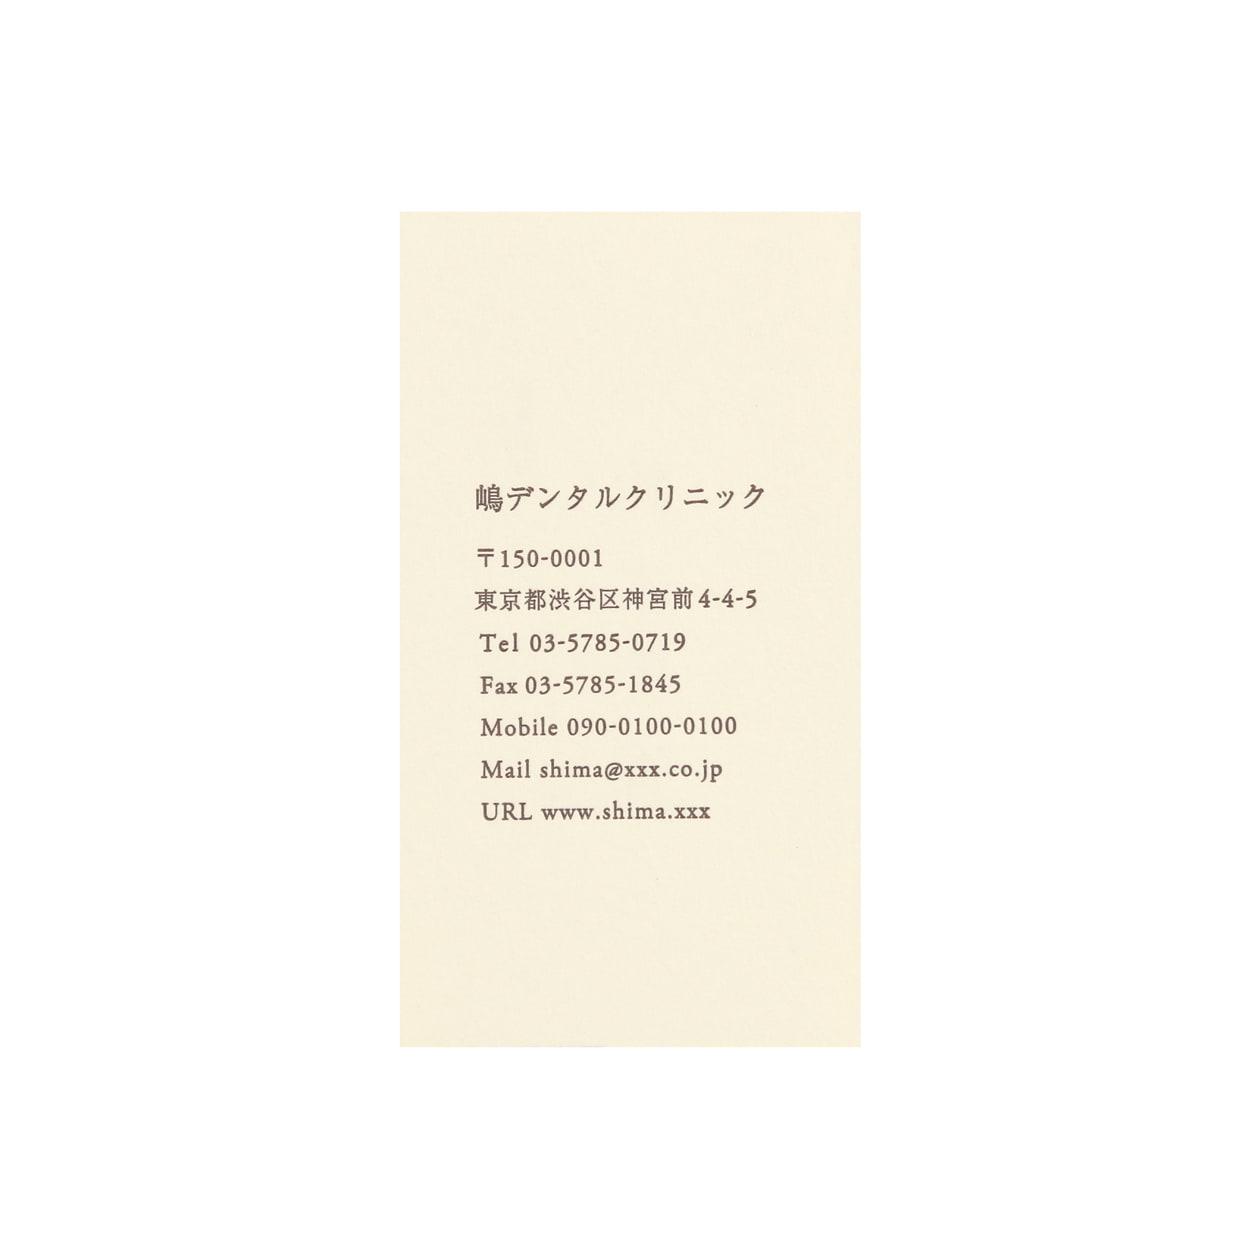 サンプル カード・シート 00488